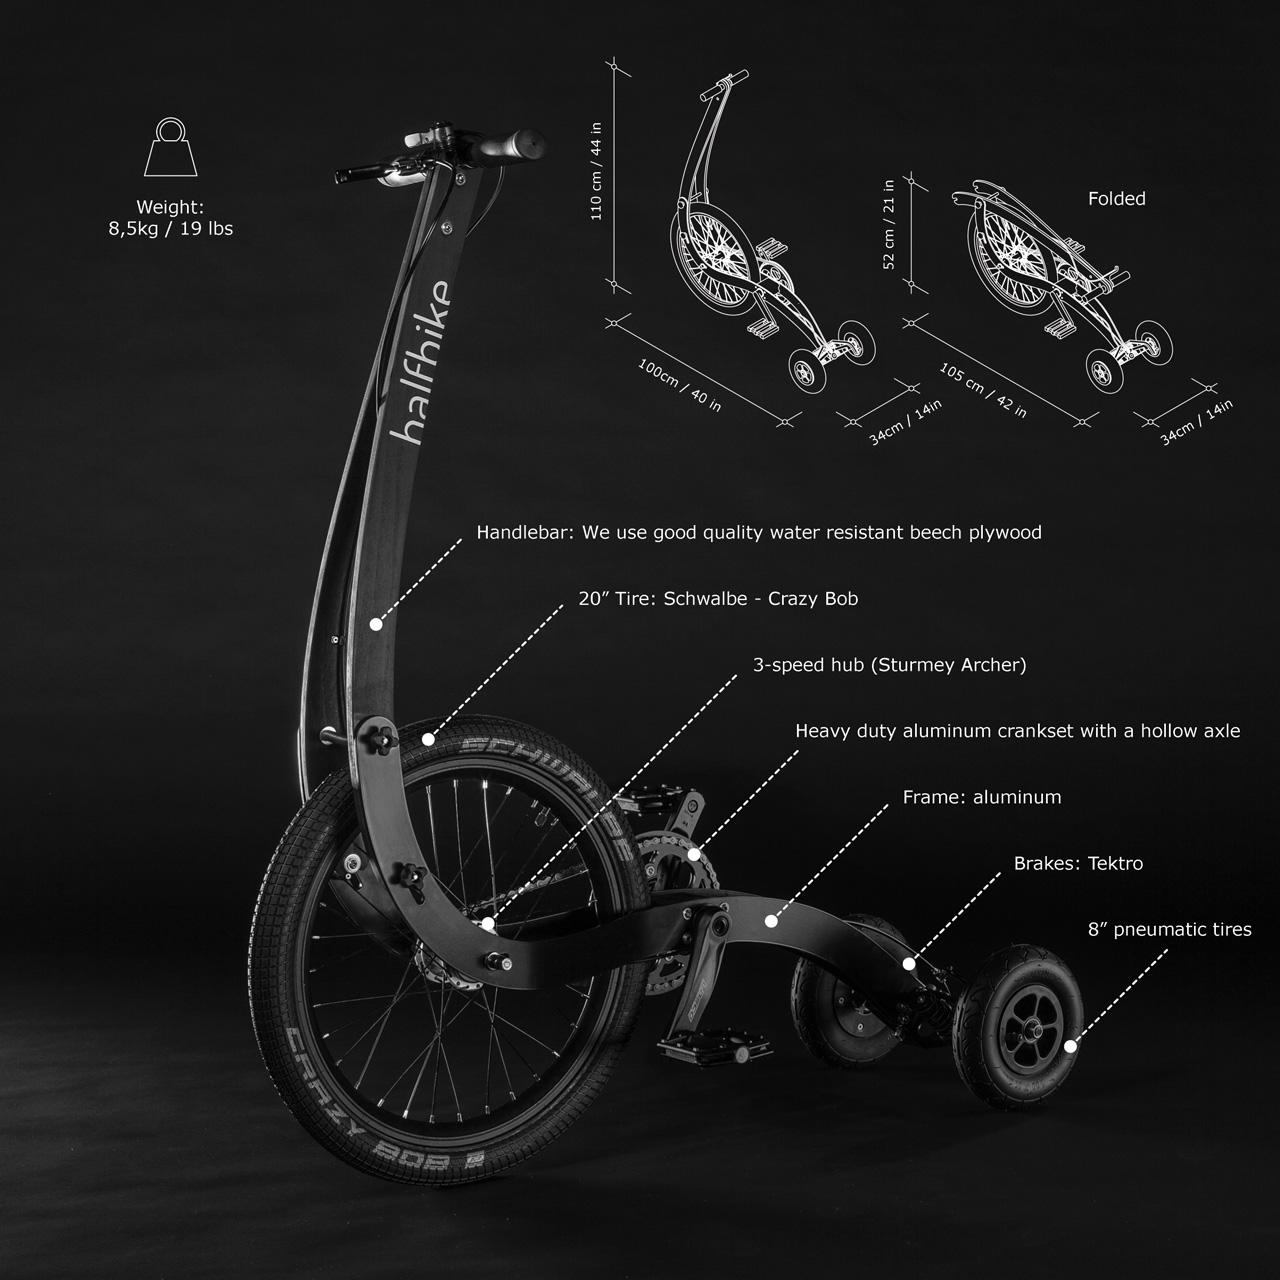 Le Halfbike, un vélo urbain à trois roues qui se pilote debout